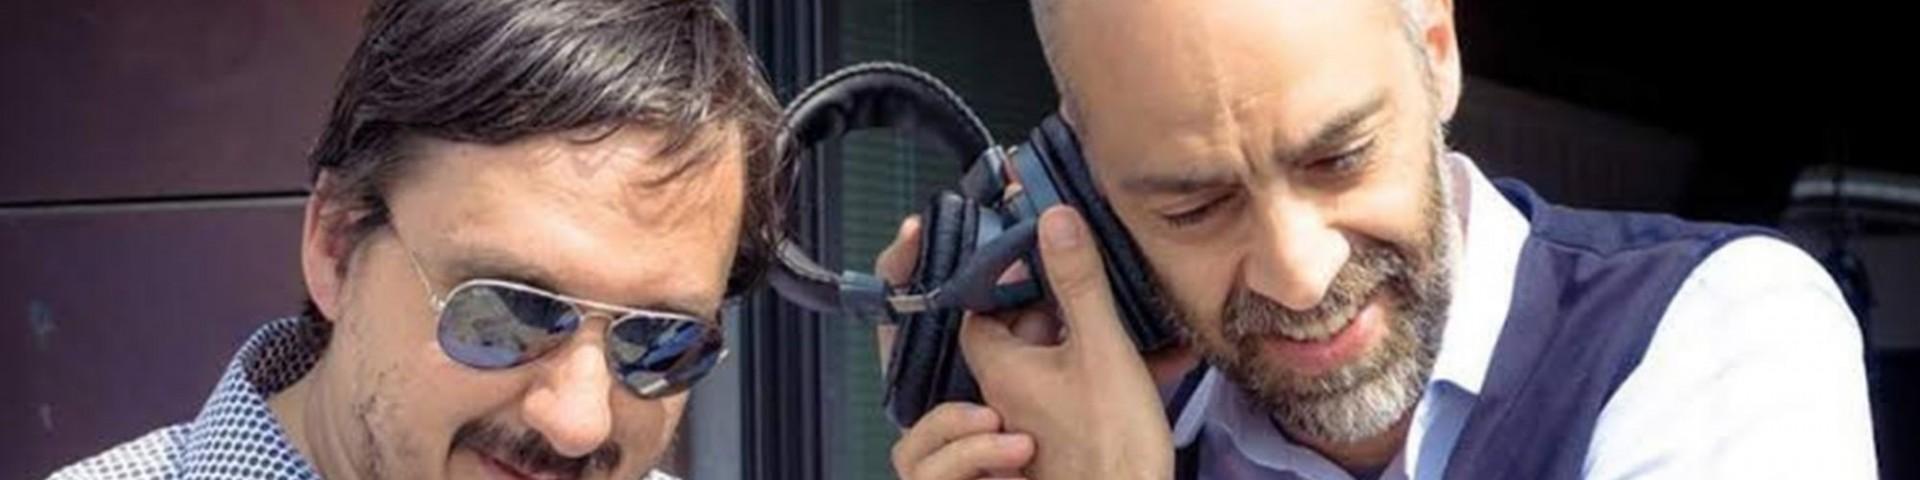 """È online """"Dell'amore non so scrivere"""" di Michele Pavanello feat. Paolo Lazzarini"""